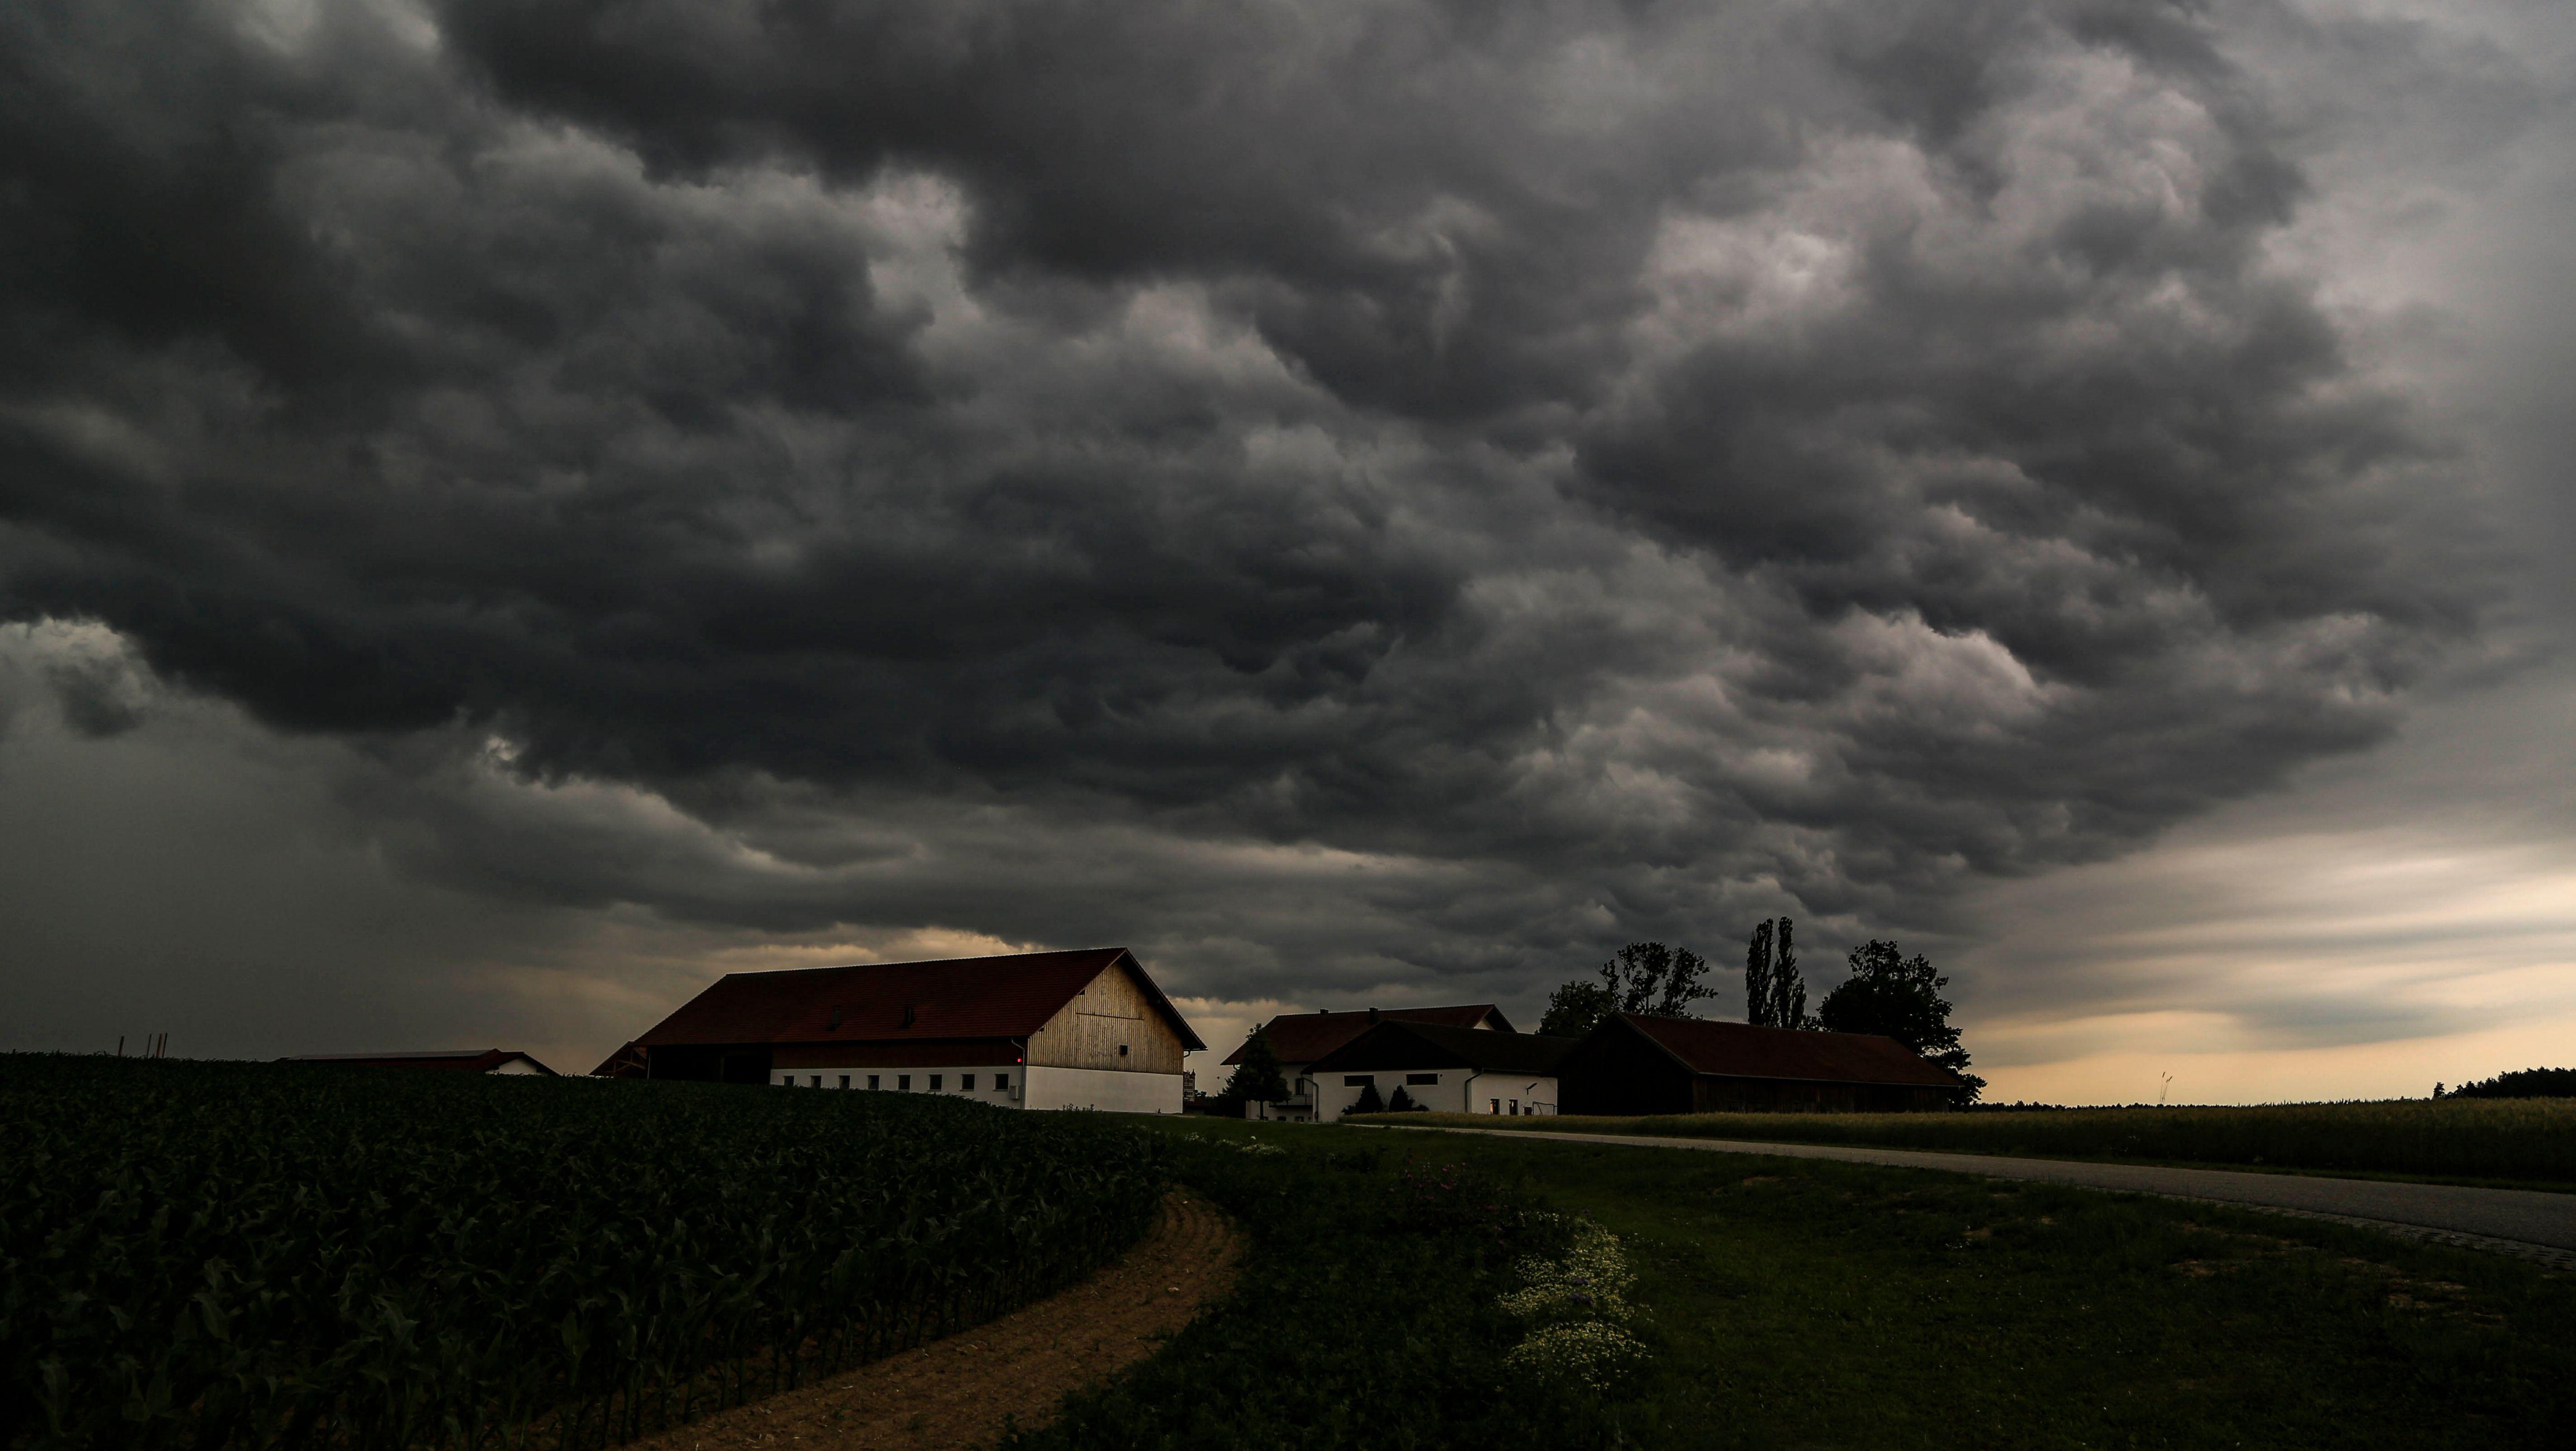 Ein kräftiges Gewitter geht am Abend des 22.06.2019 über Arnstorf (Lkr. Rottal-Inn) nieder.